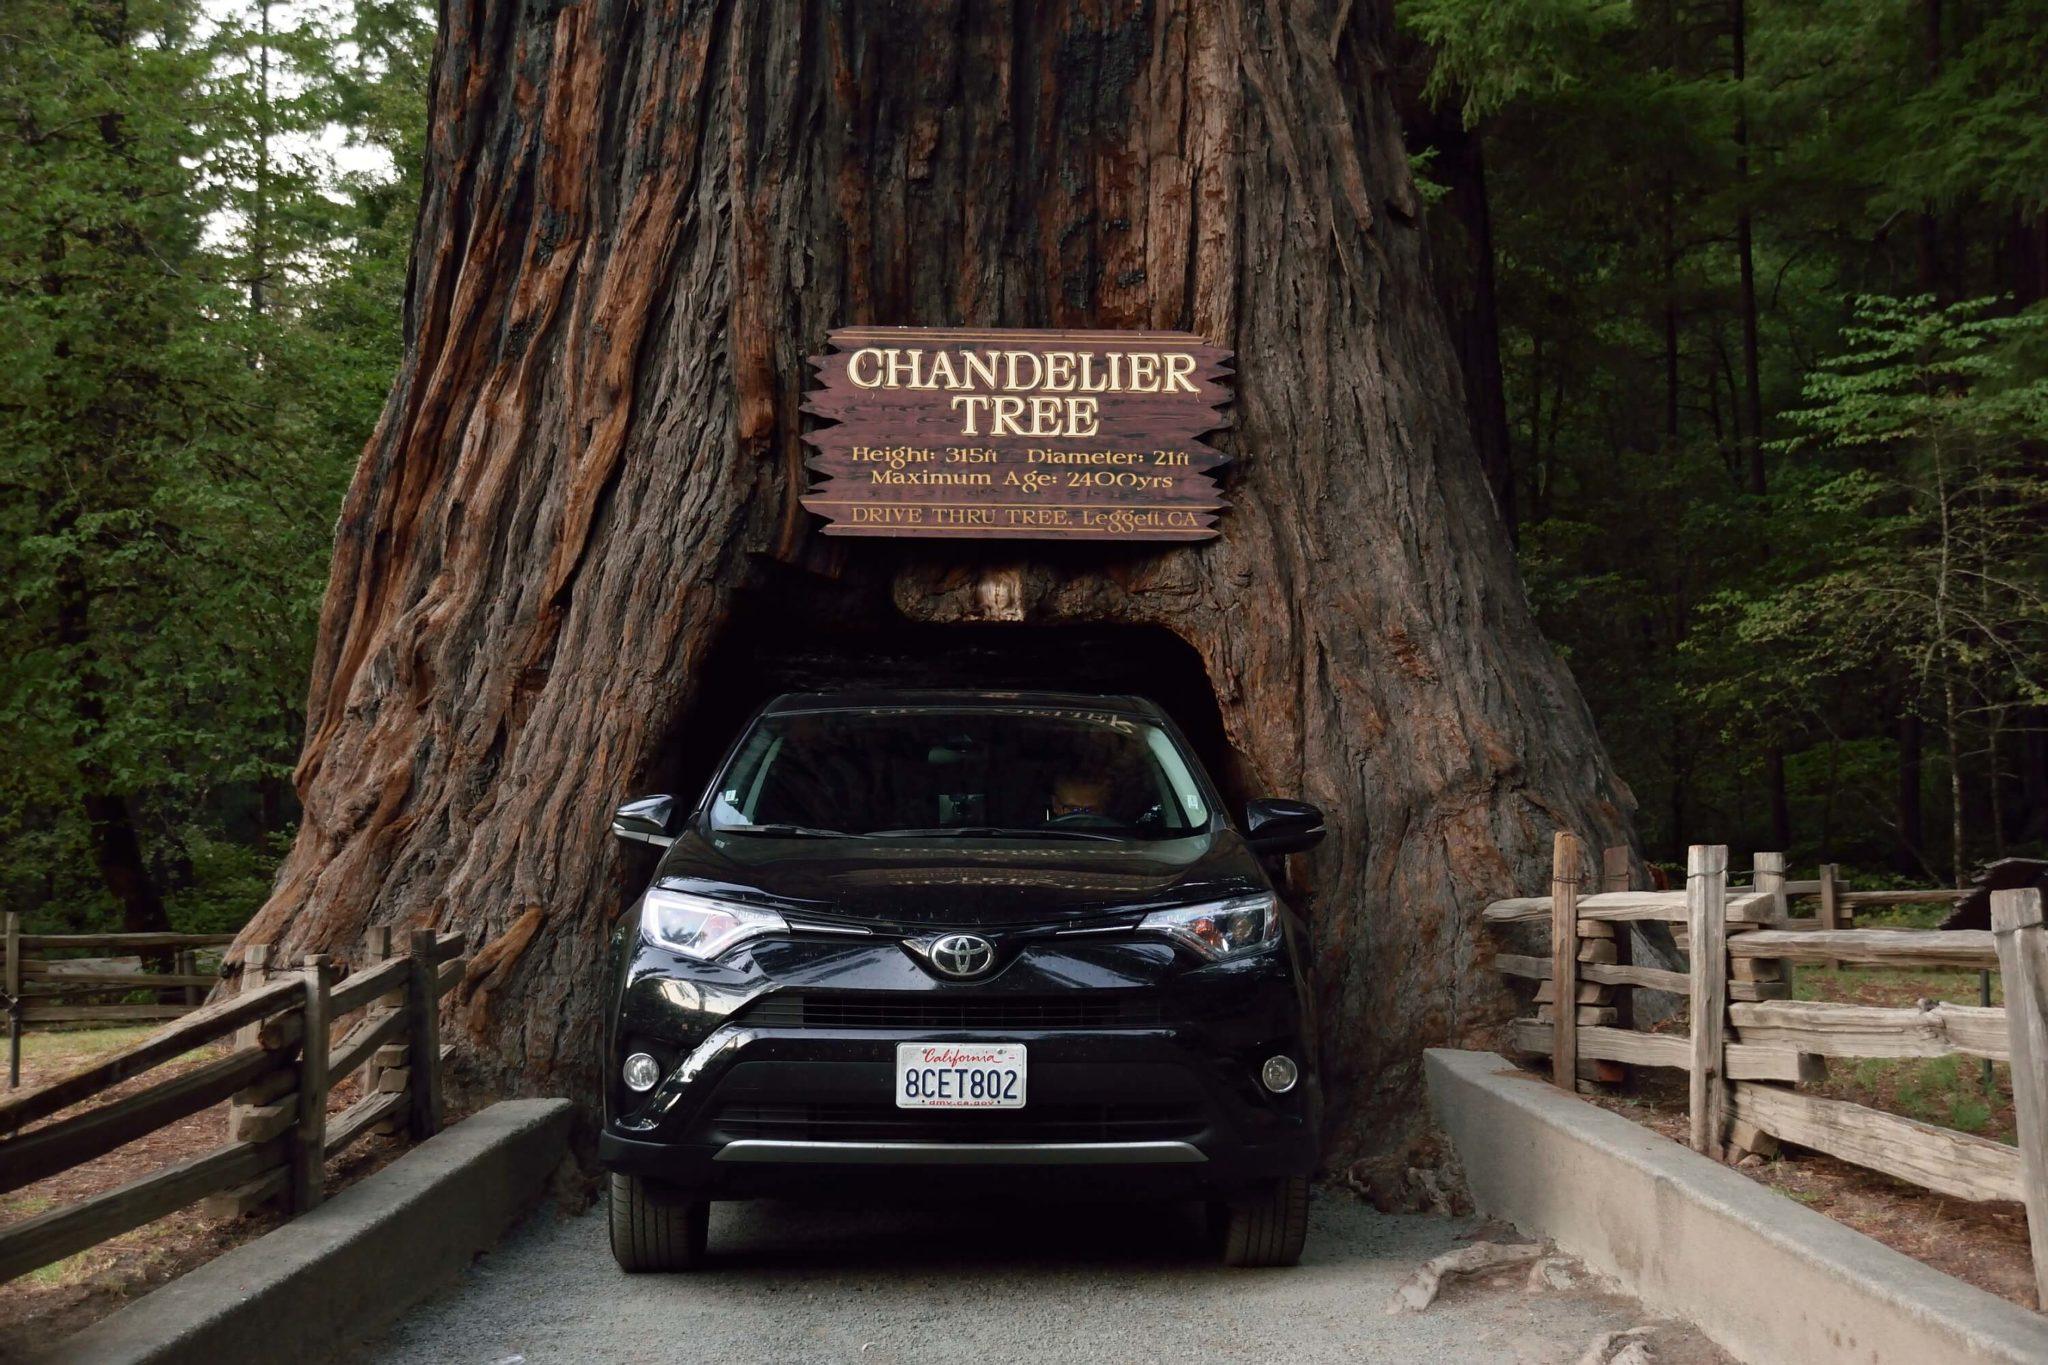 drzewo, przez które przejeżdża samochód